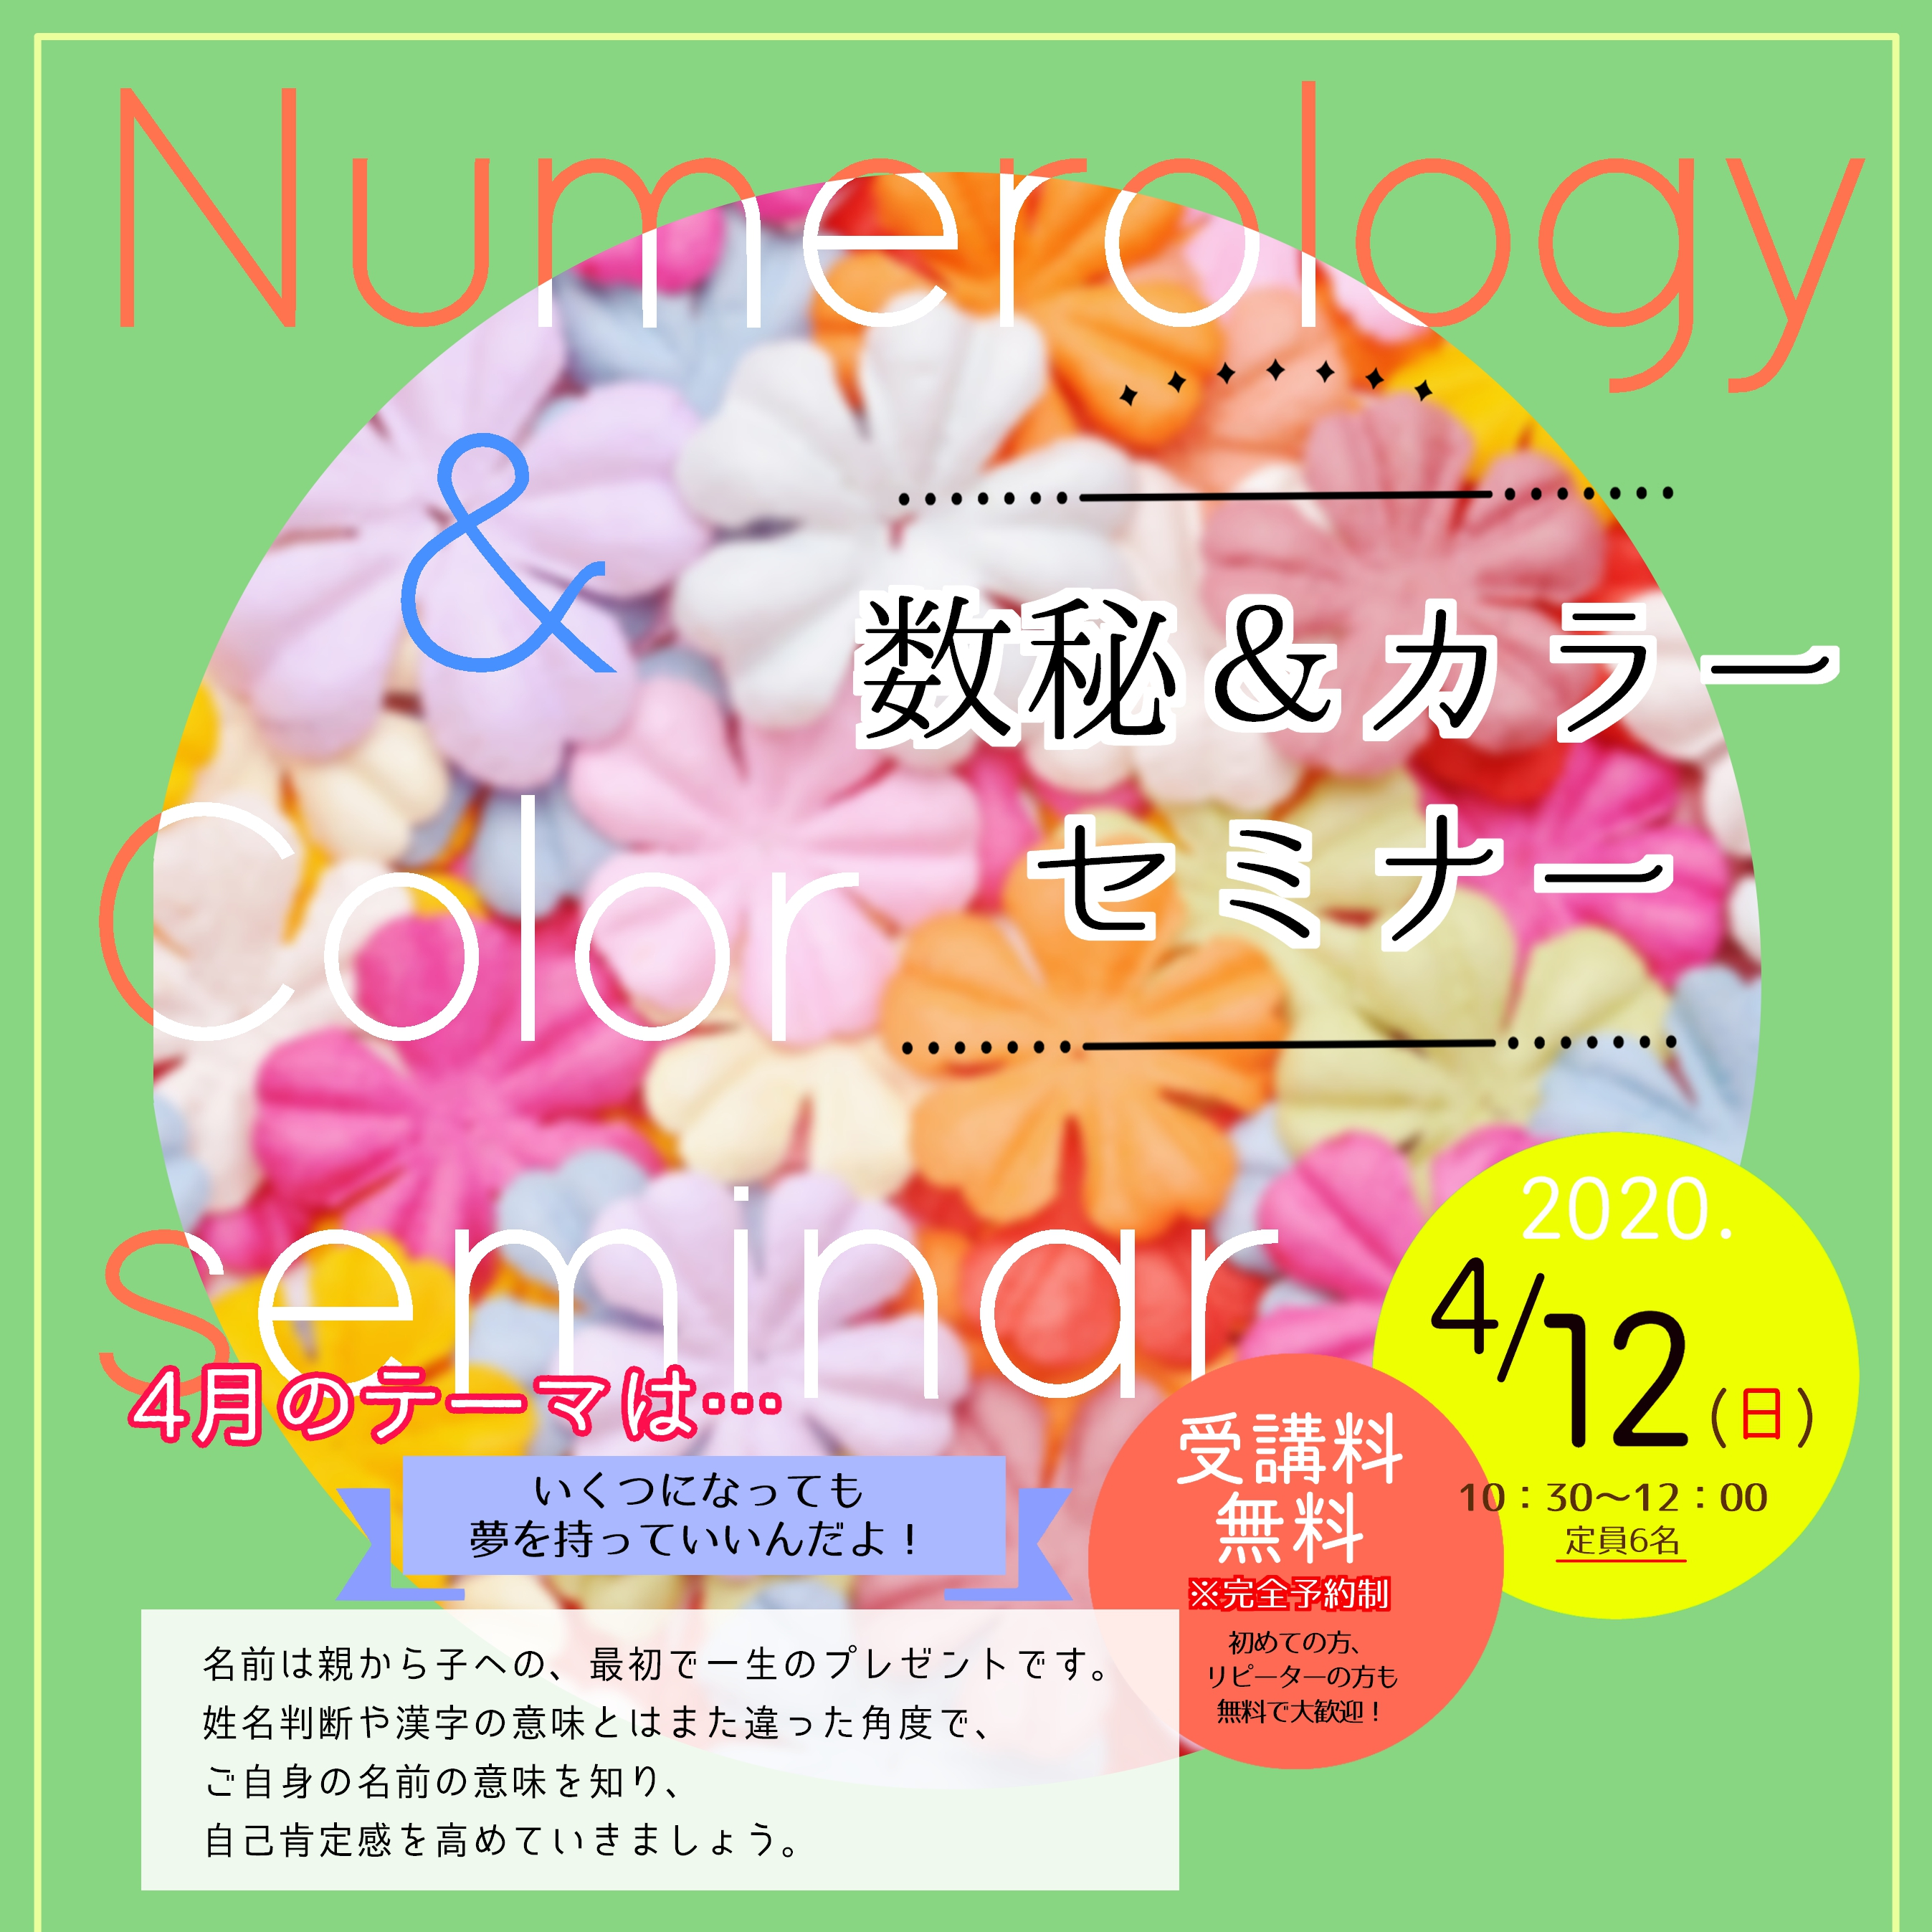 ★4/12 数秘カラーセミナー開催『誕生日に秘められたギフトを受け取ろう!!』